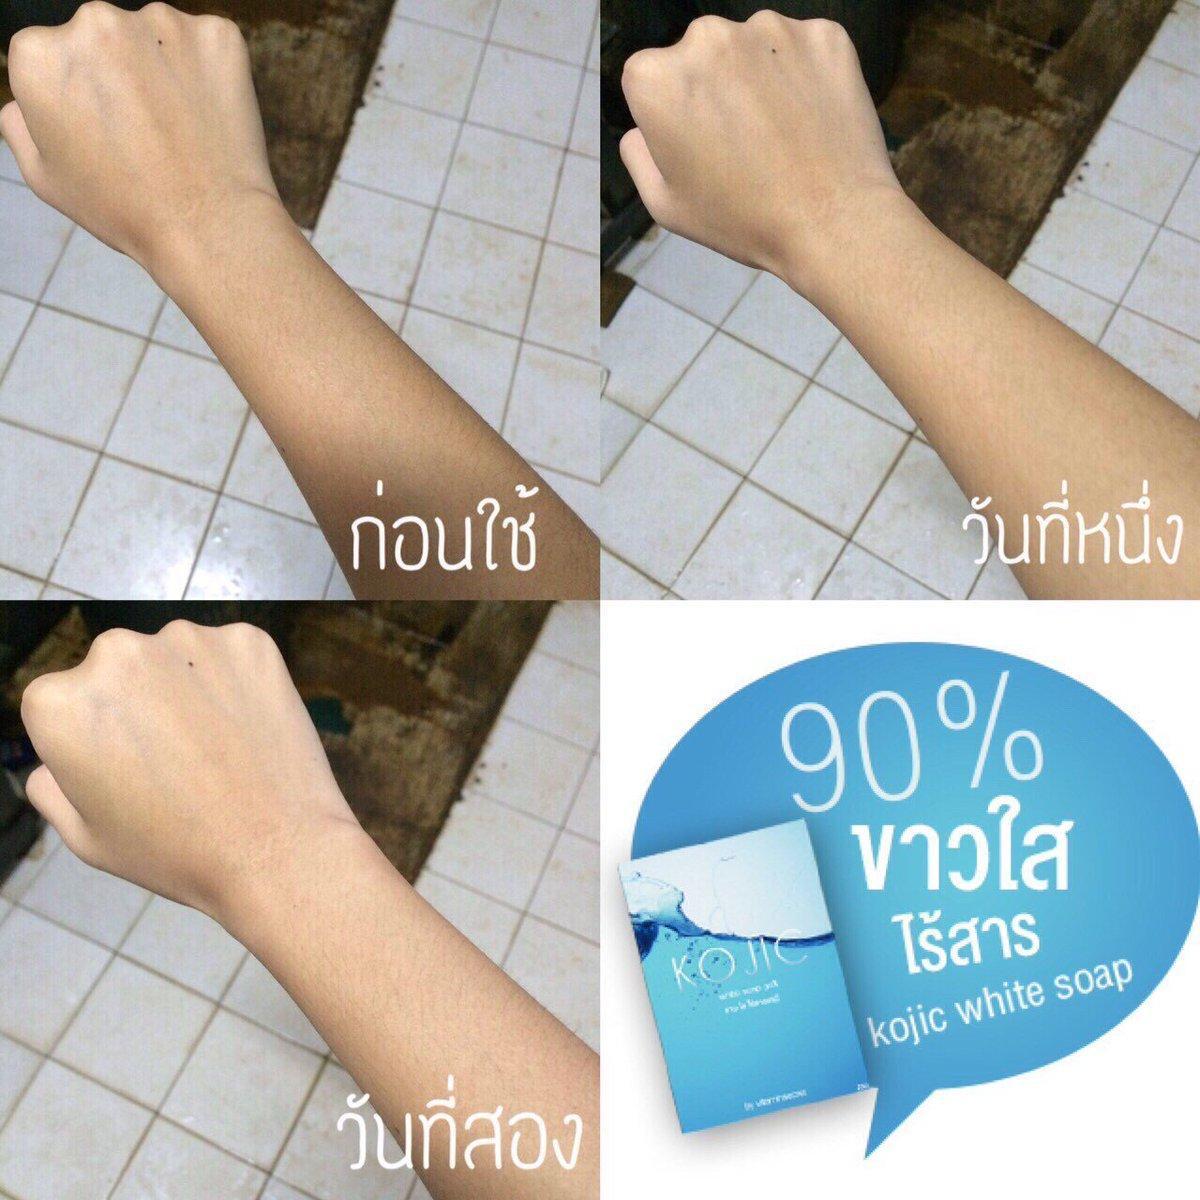 Fitur Kojic Soap From Thailand Dan Harga Terbaru Info Sabun Perpect Whitening 3